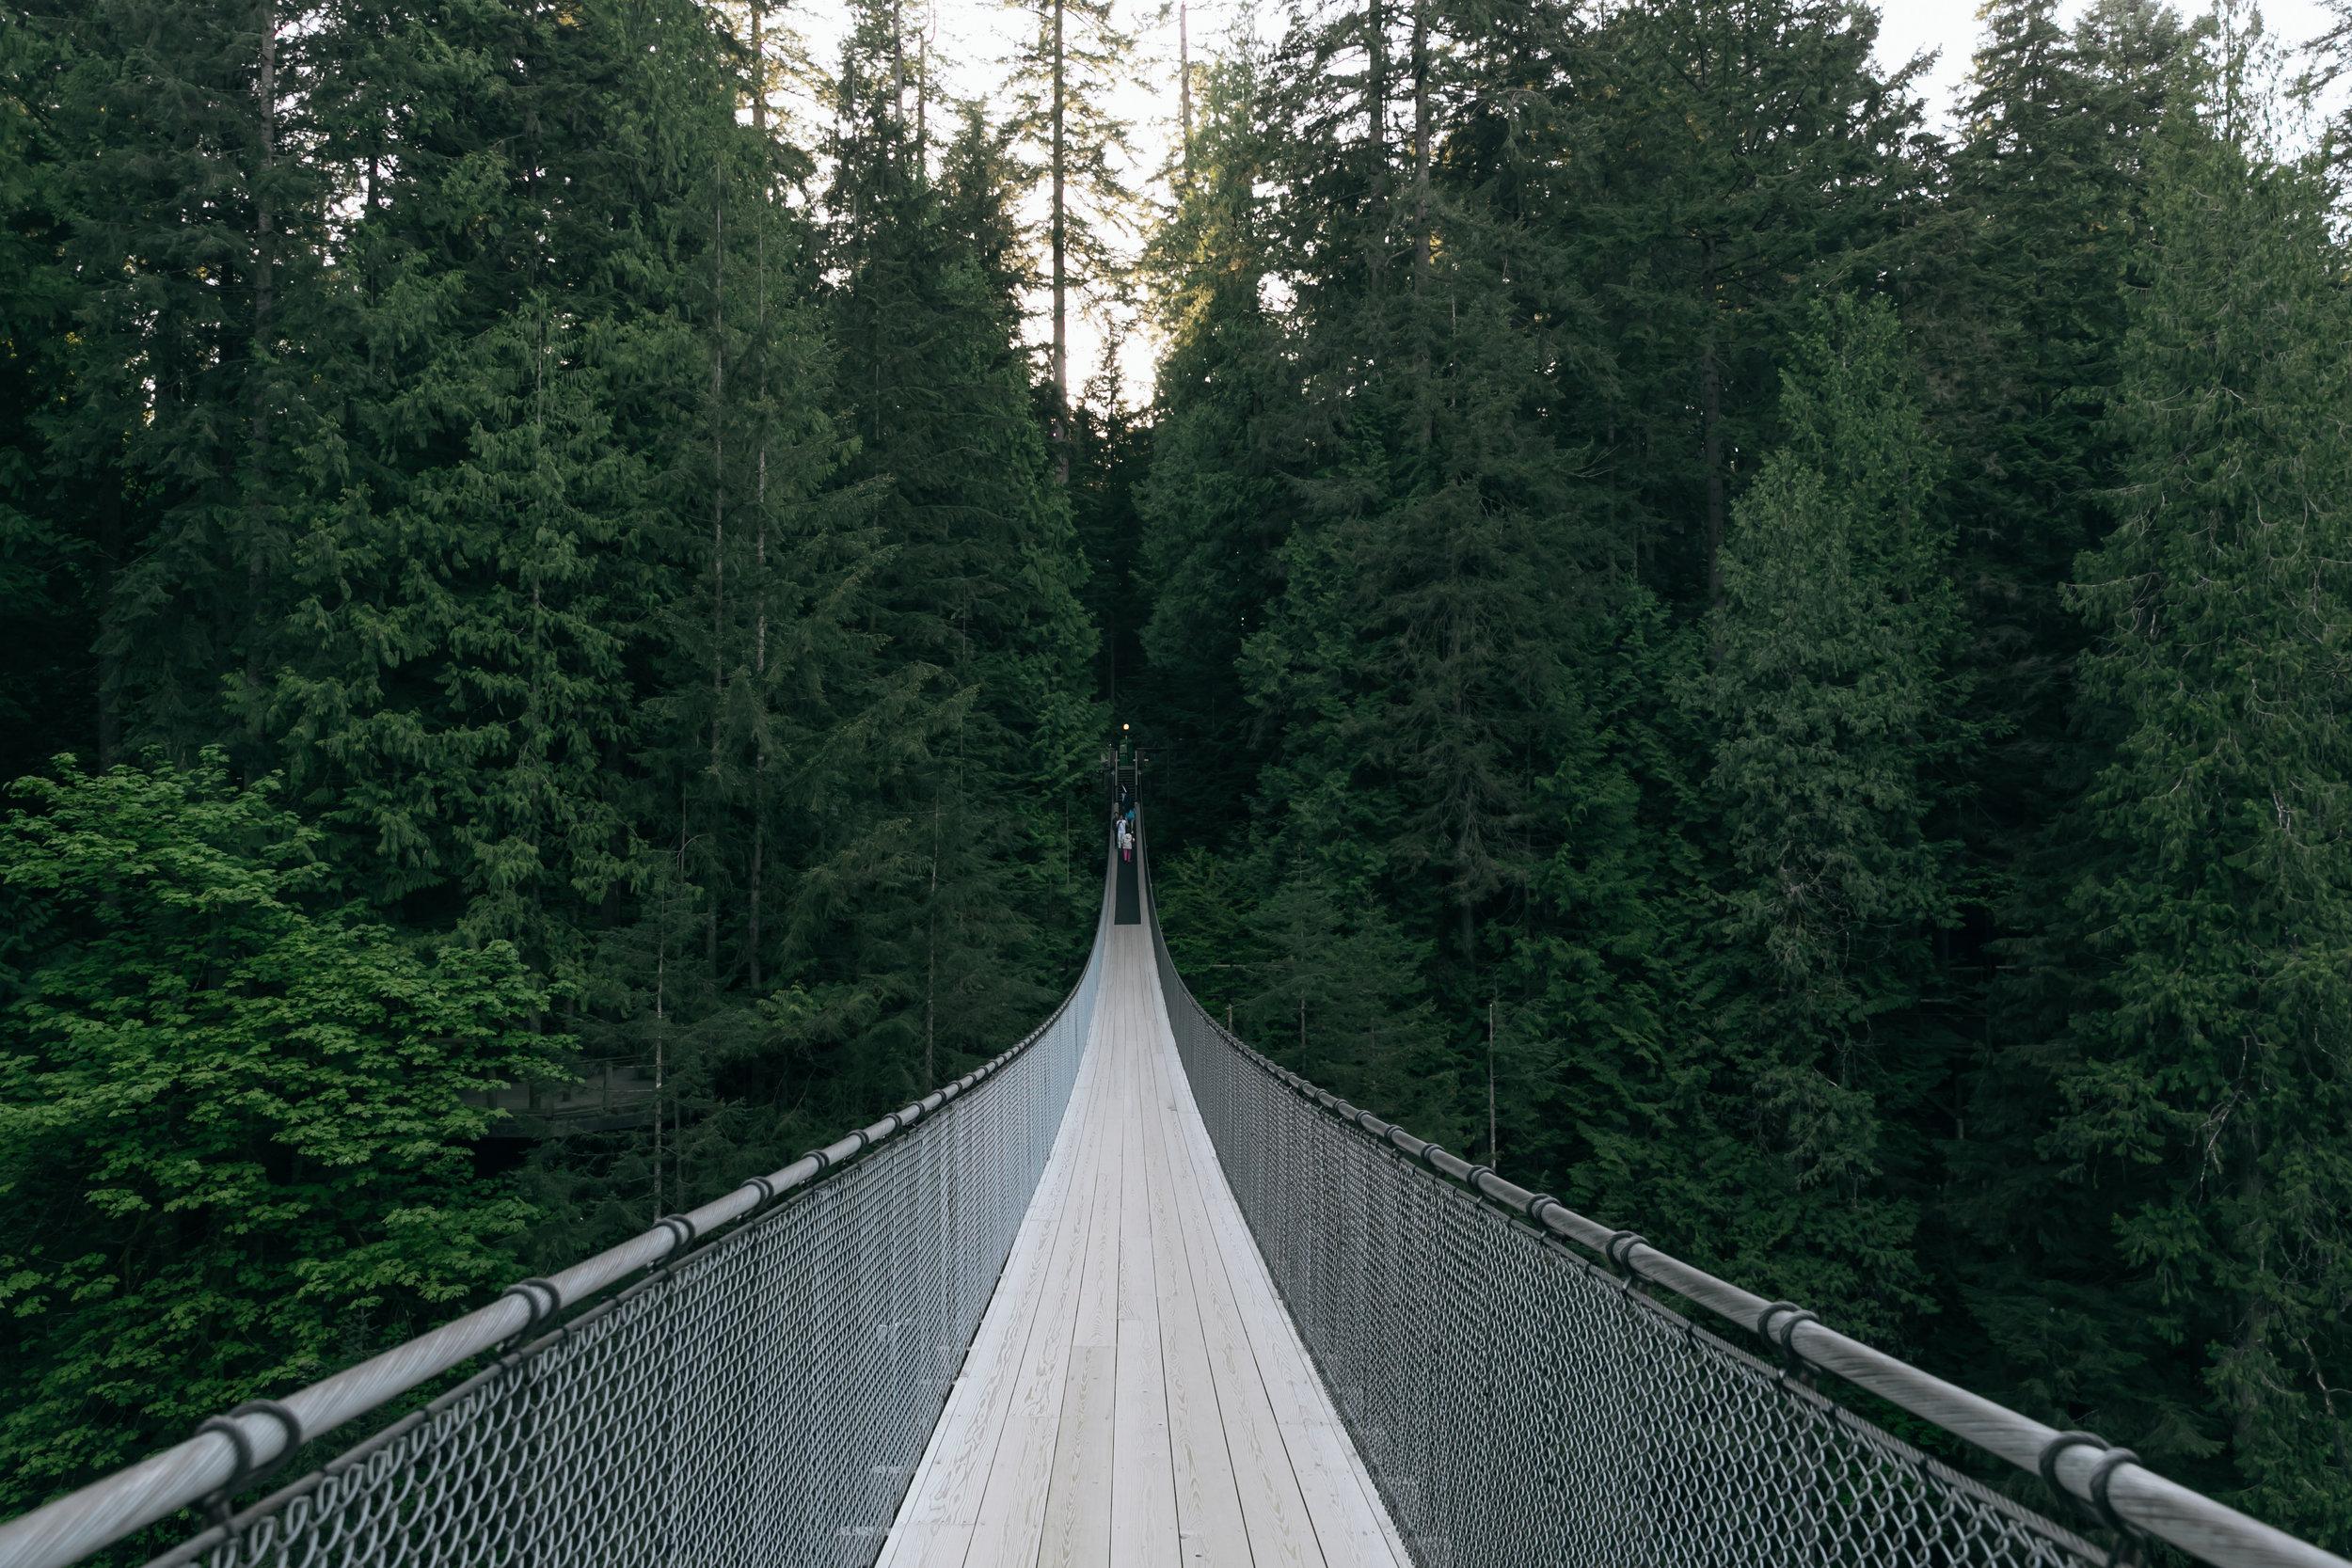 Suspension Bridge - Capilano